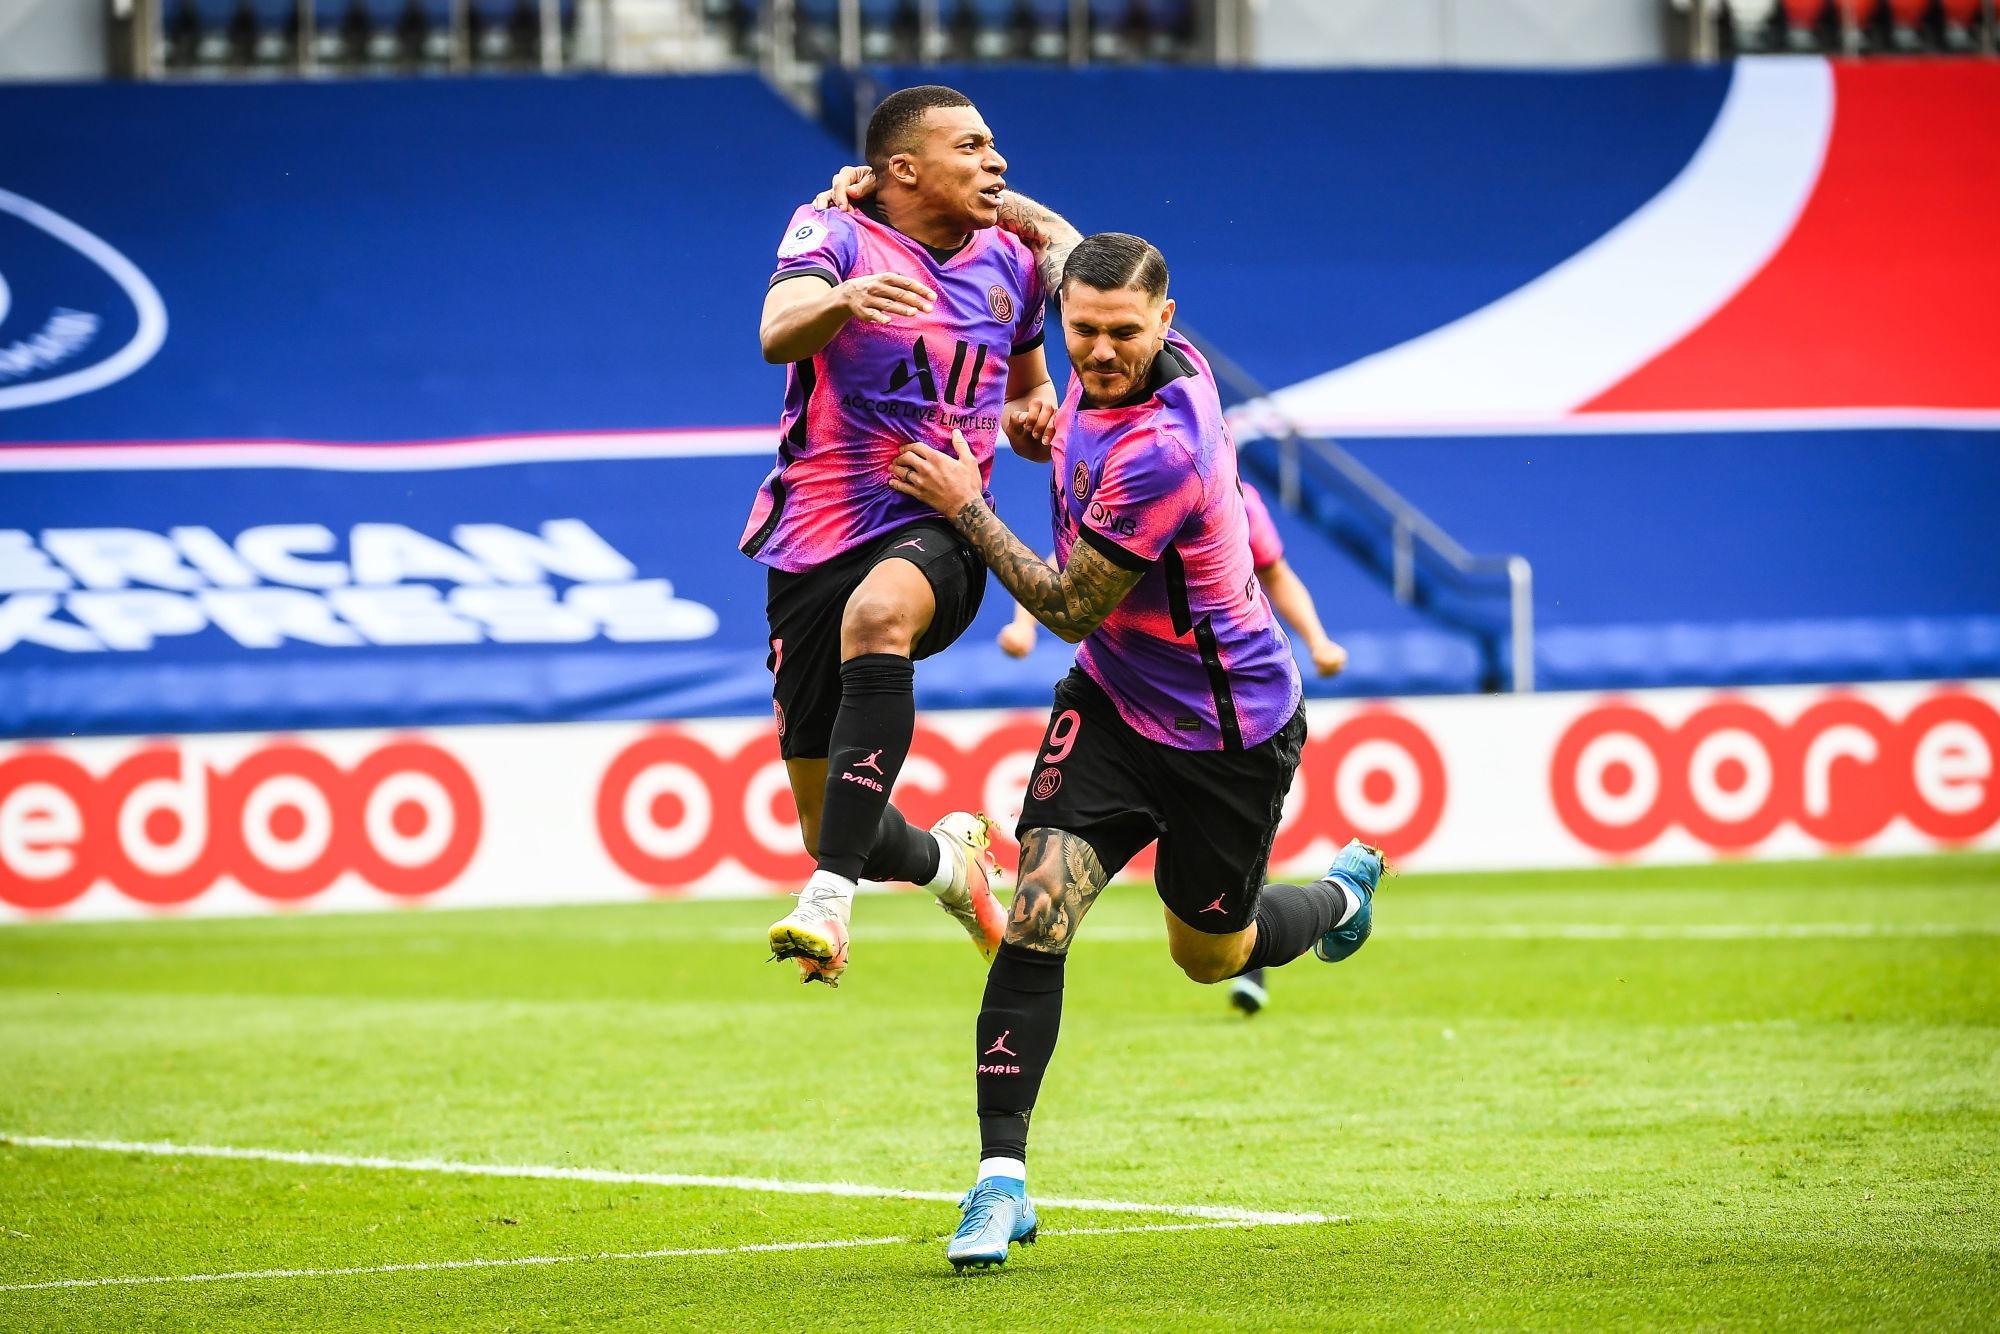 PSG/Saint-Etienne - Les tops et flops de la victoire parisienne avec rebondissements